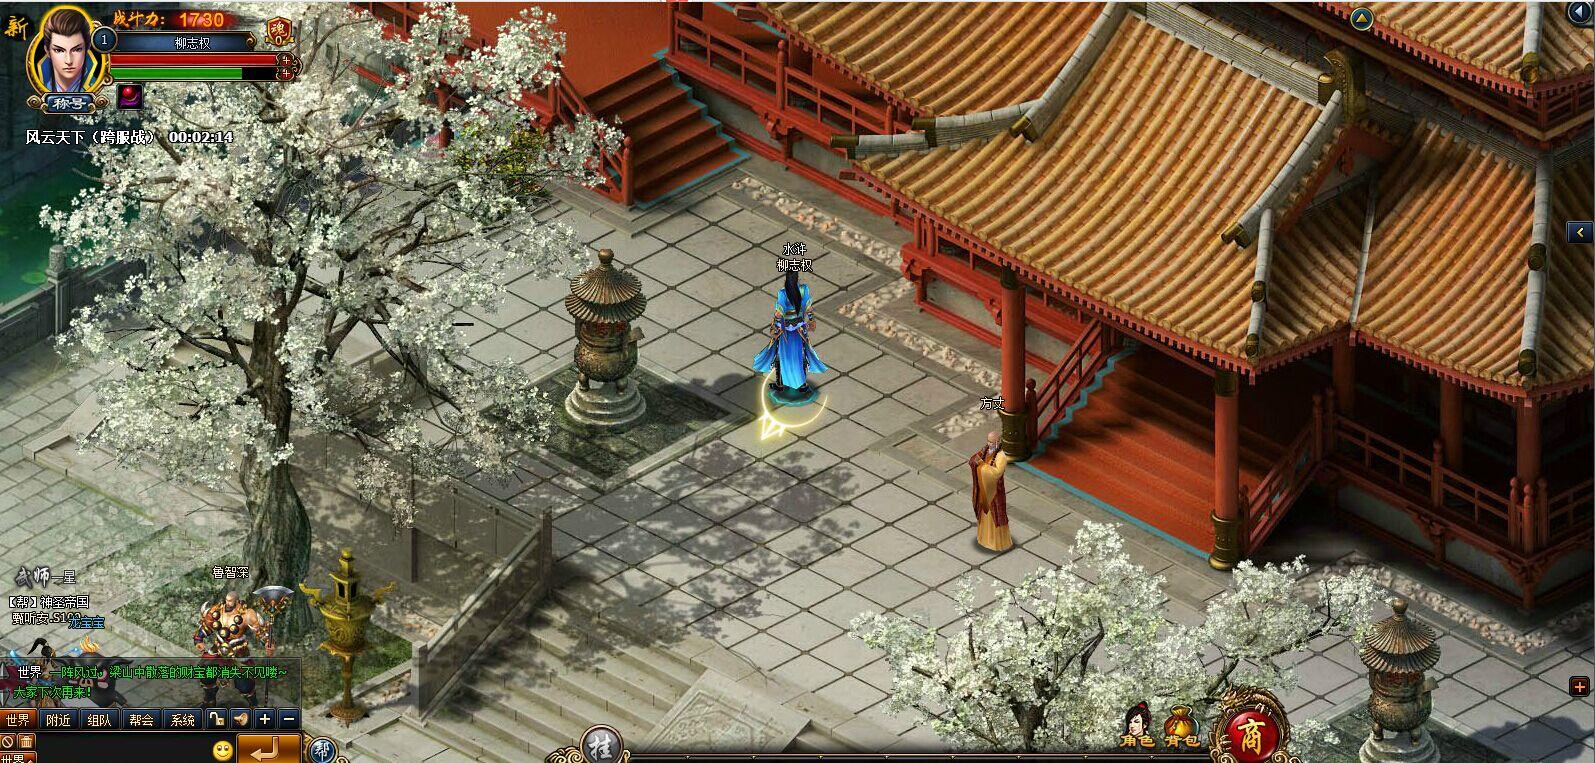 最新《水浒风云》游戏精彩截图